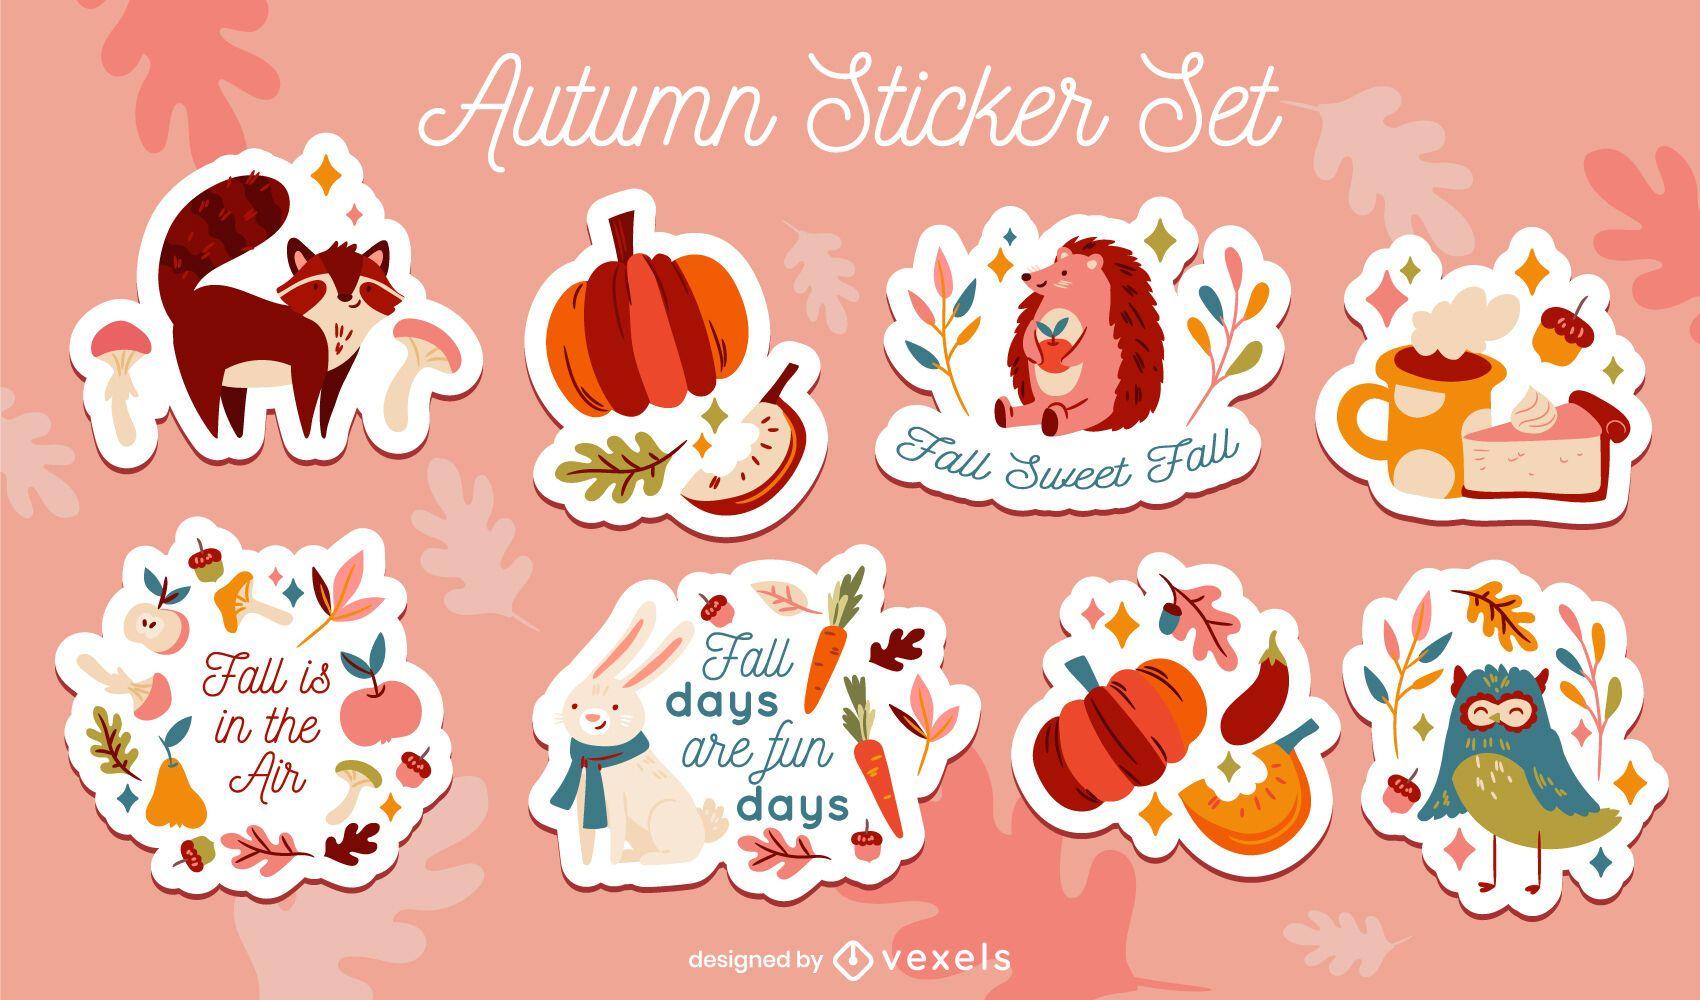 Autumn season animals nature sticker set